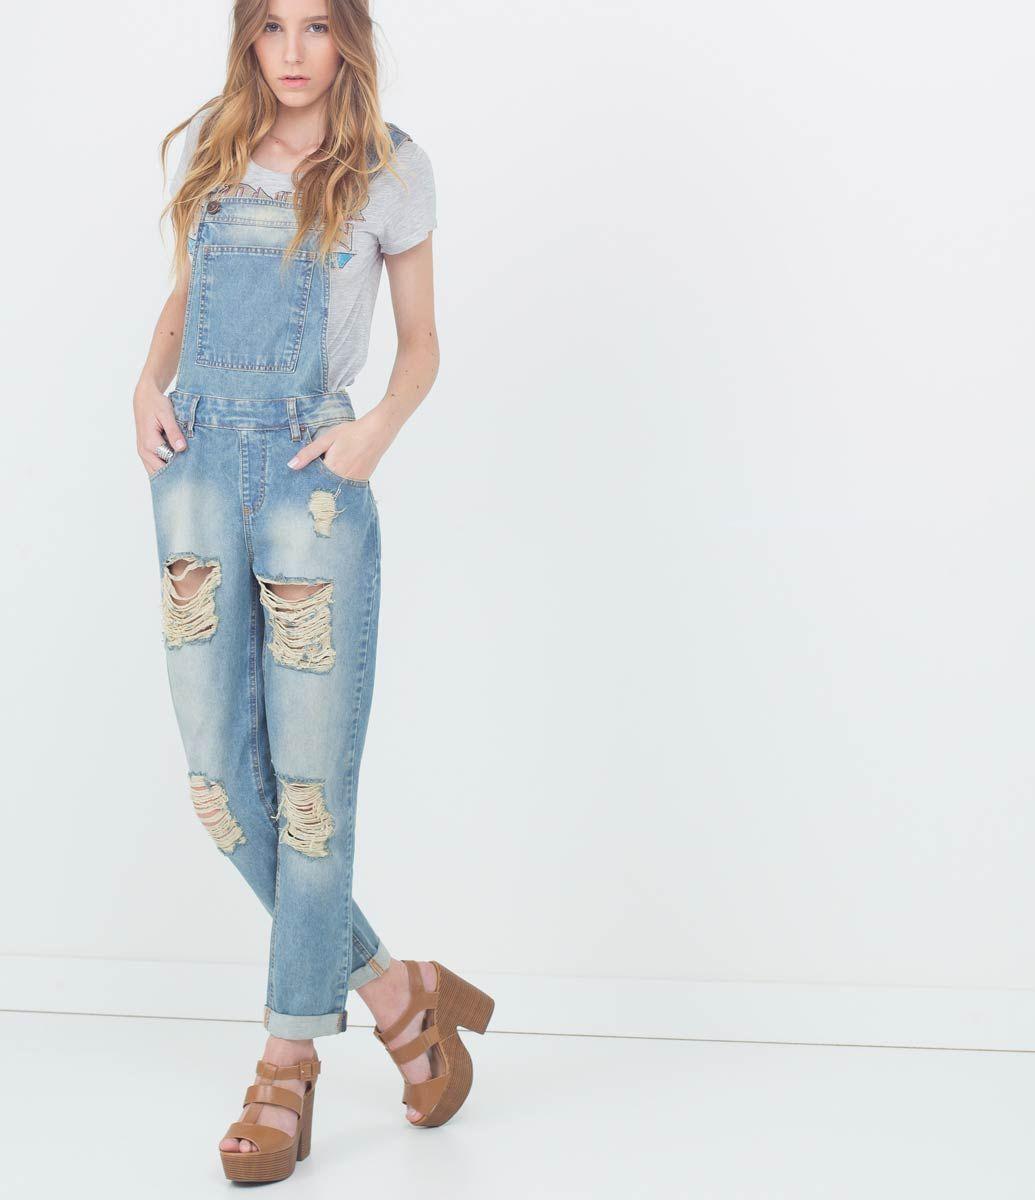 ad390bdda Macacão feminino Modelo longo Com rasgos Marca  Blue Steel Tecido  jeans  Composição  100% algodão Modelo veste tamanho  P COLEÇÃO VERÃO 2016 Veja  outras ...